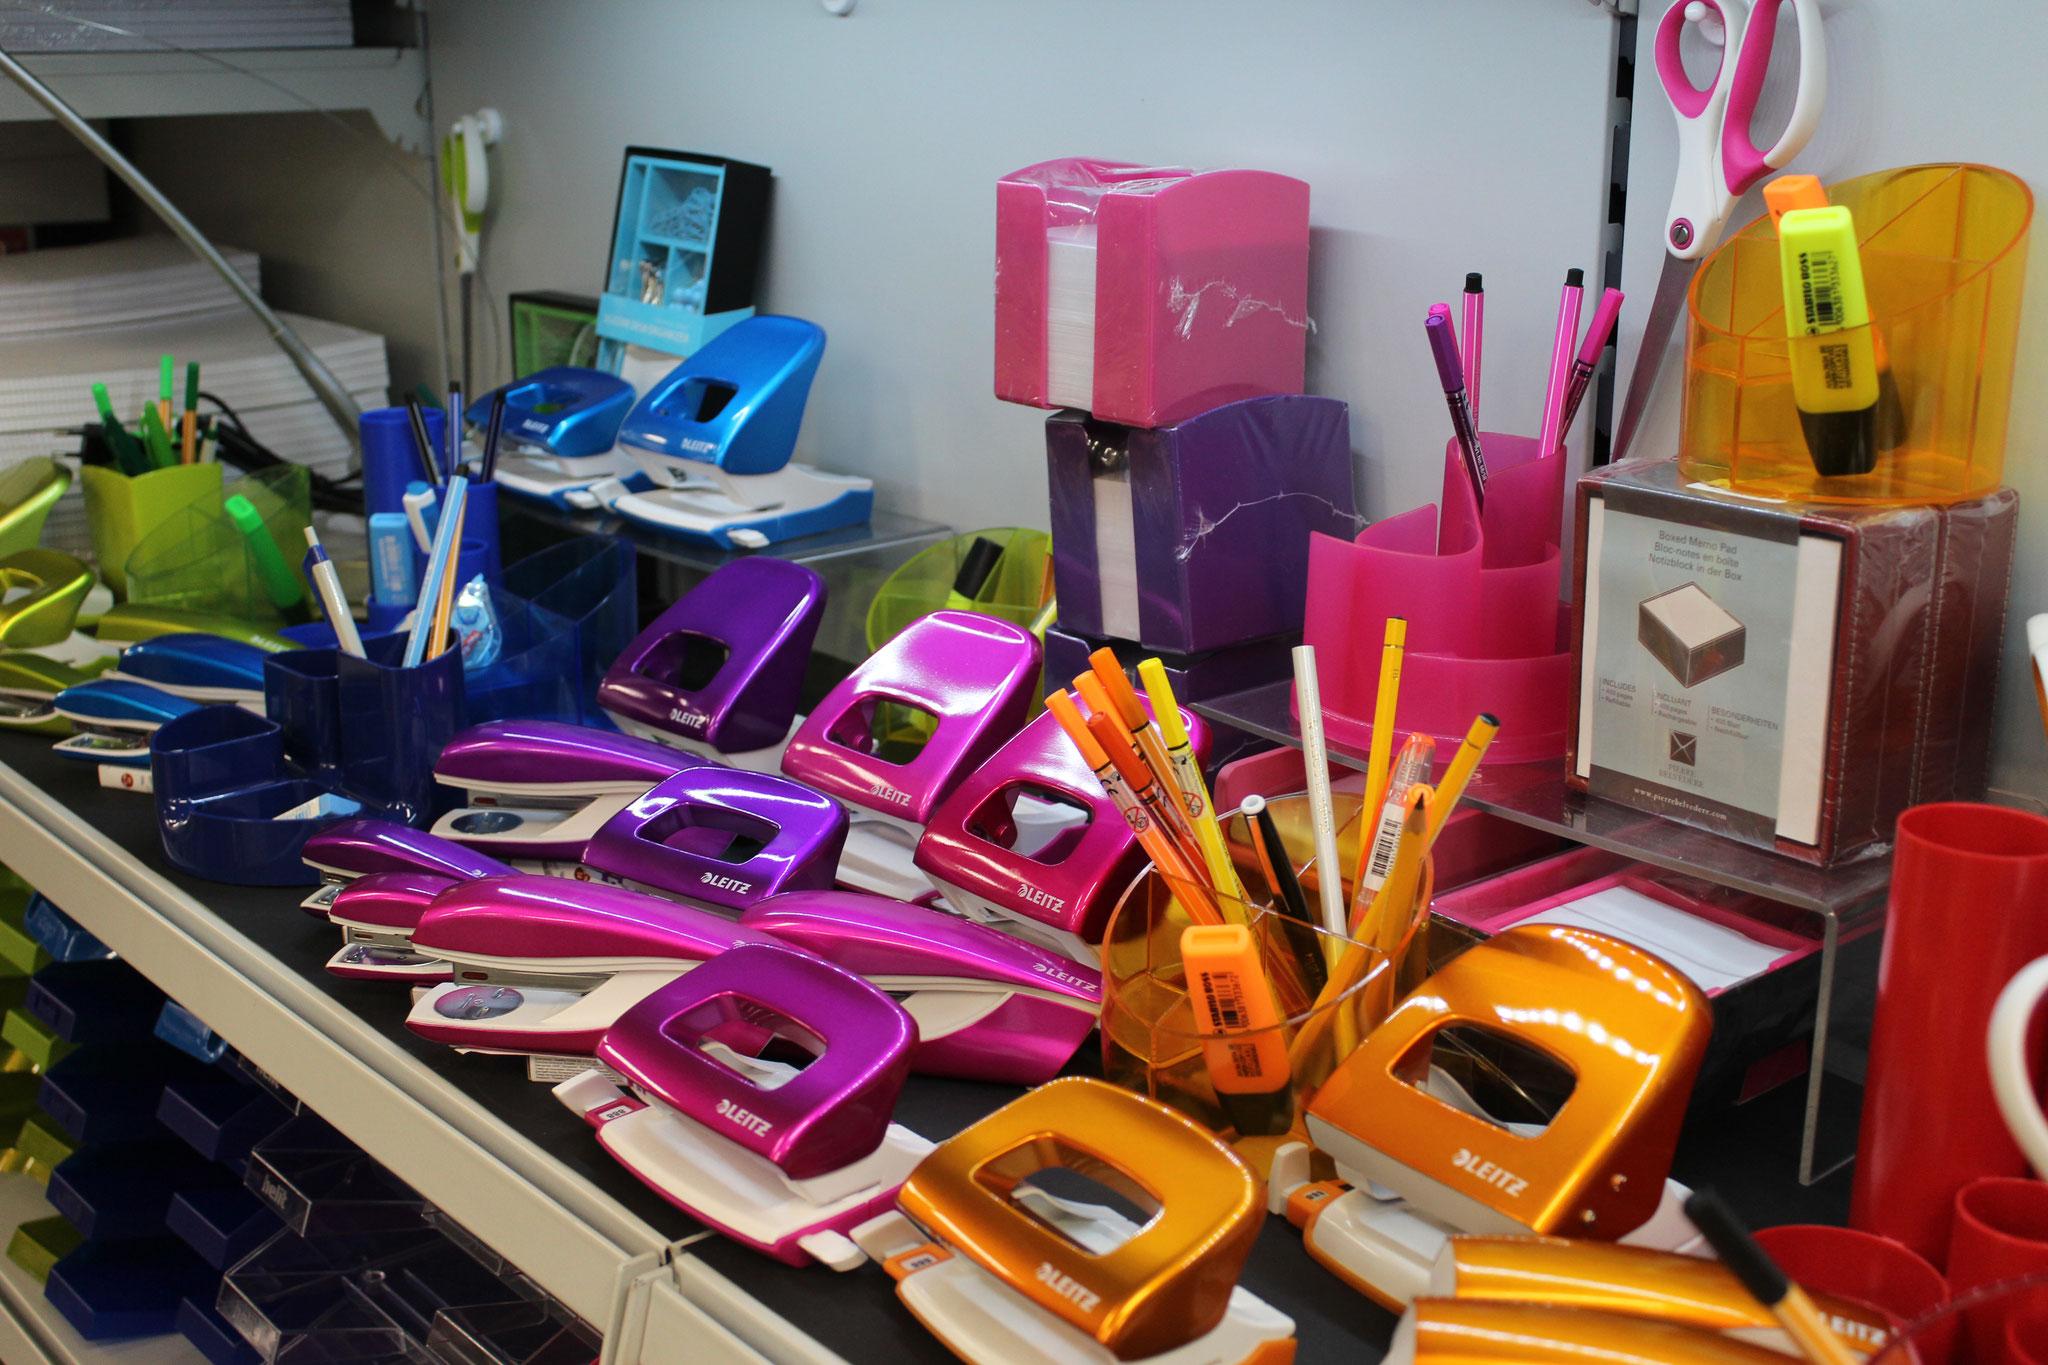 Locher, Heftapparate, Notizblock-Halter, Schere in trendigen Farben